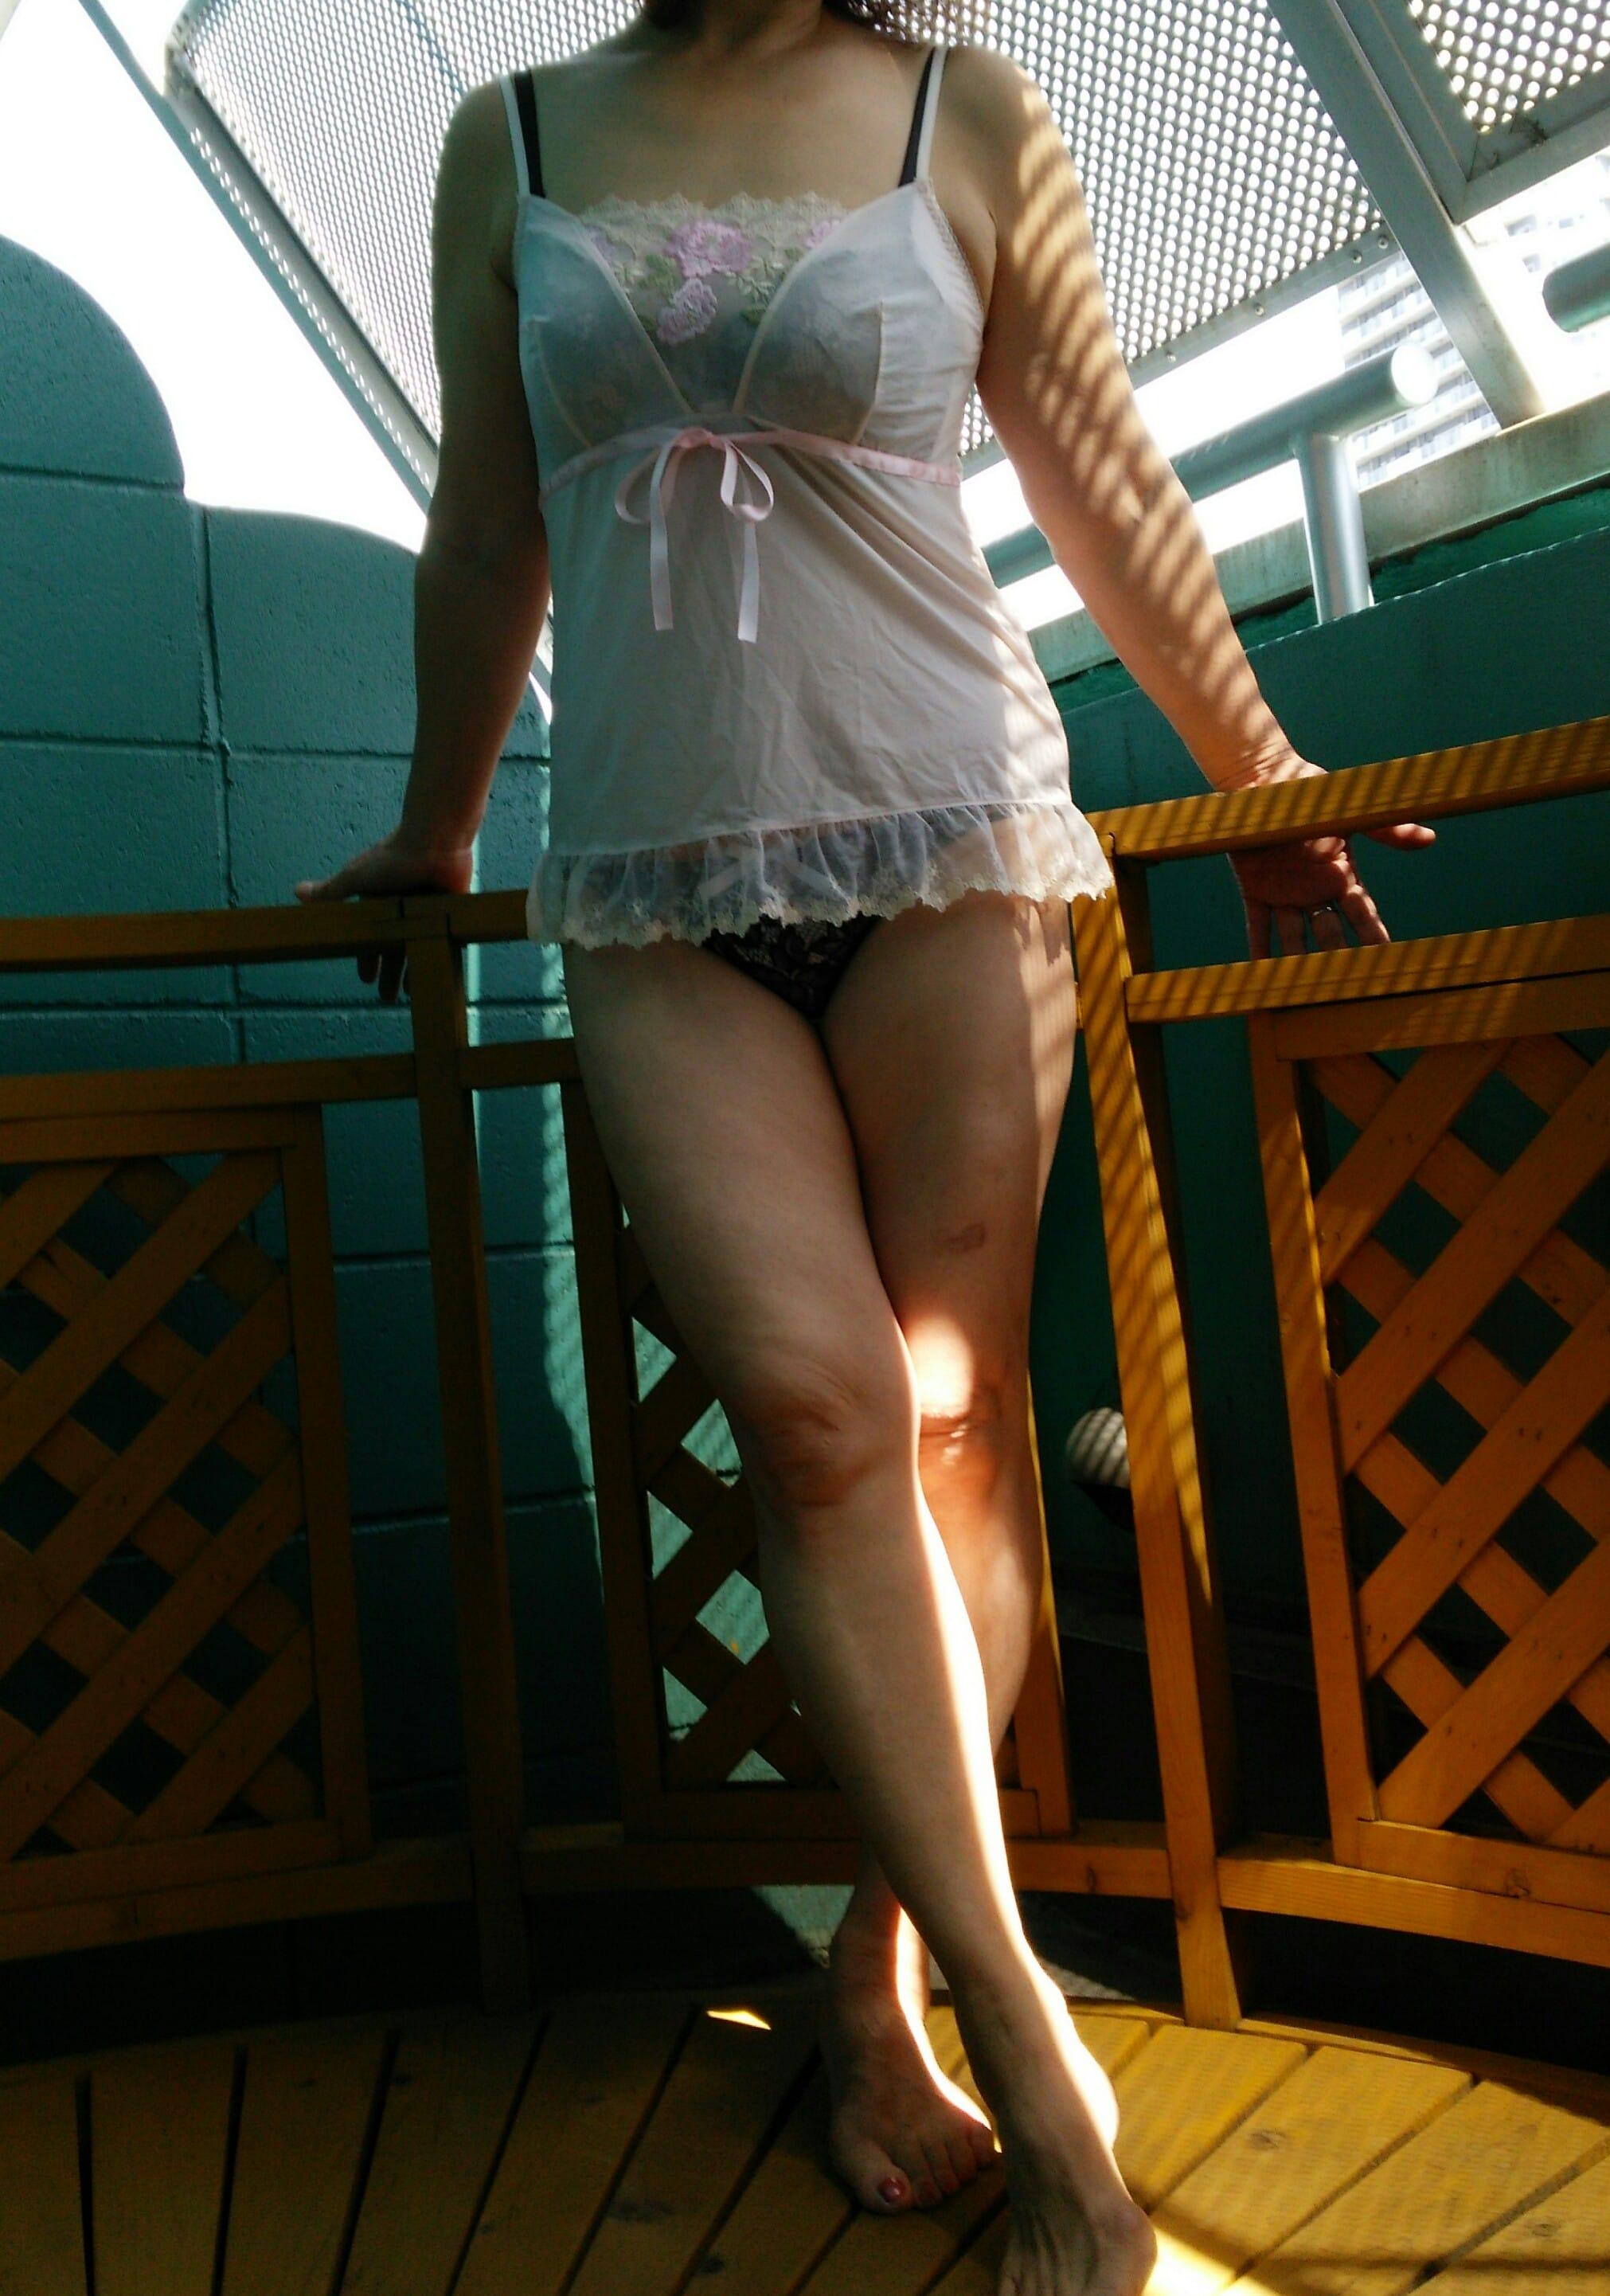 「おはよう」12/05(12/05) 08:09 | ともみの写メ・風俗動画